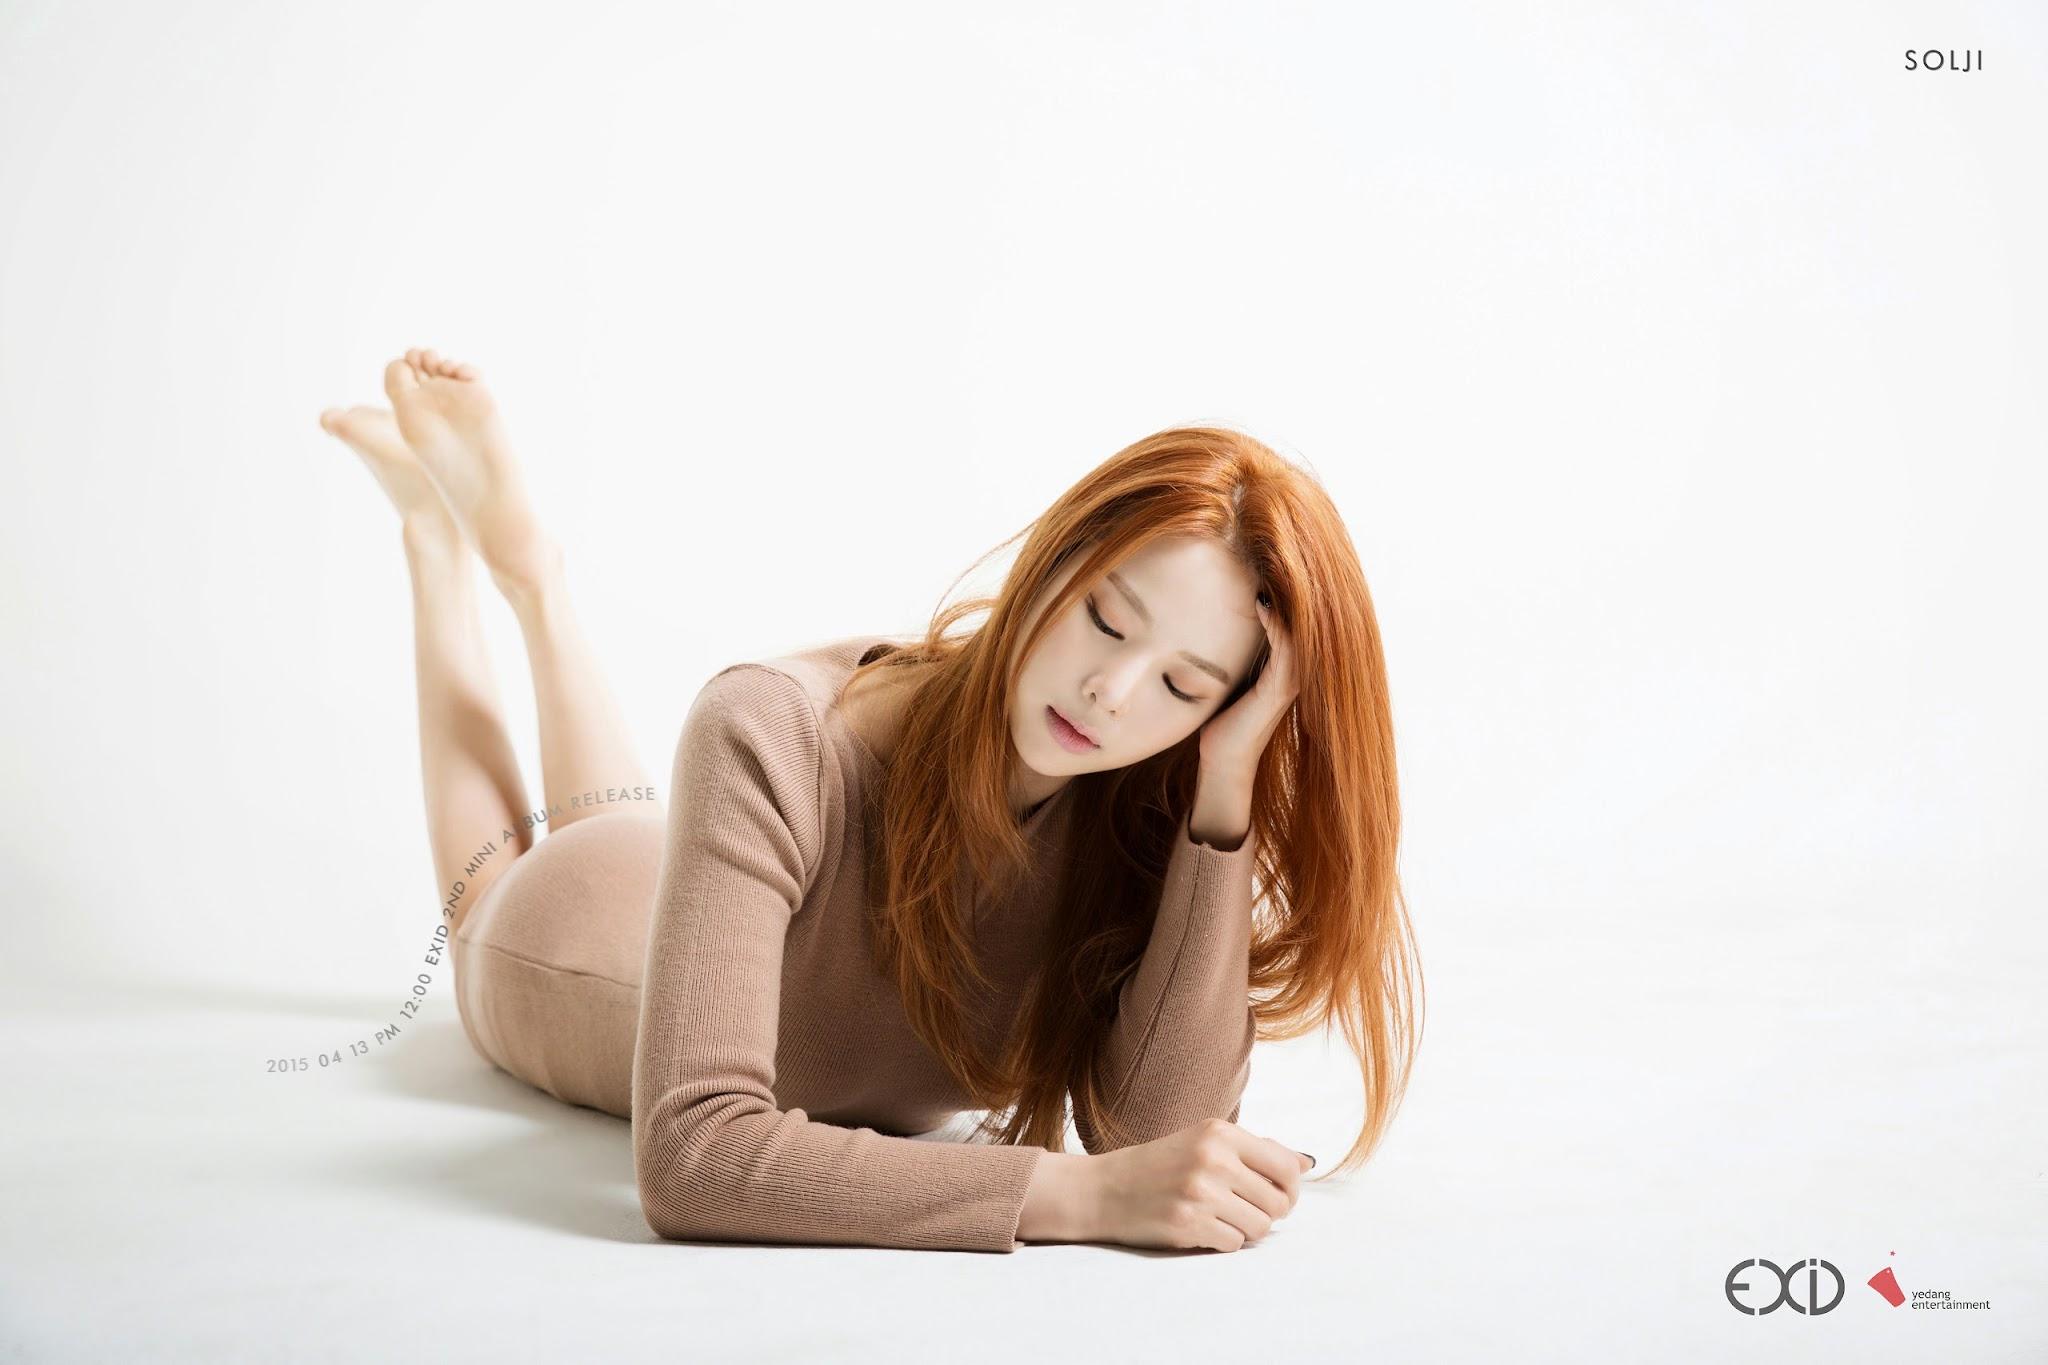 EXID Solji Ah Yeah Concept